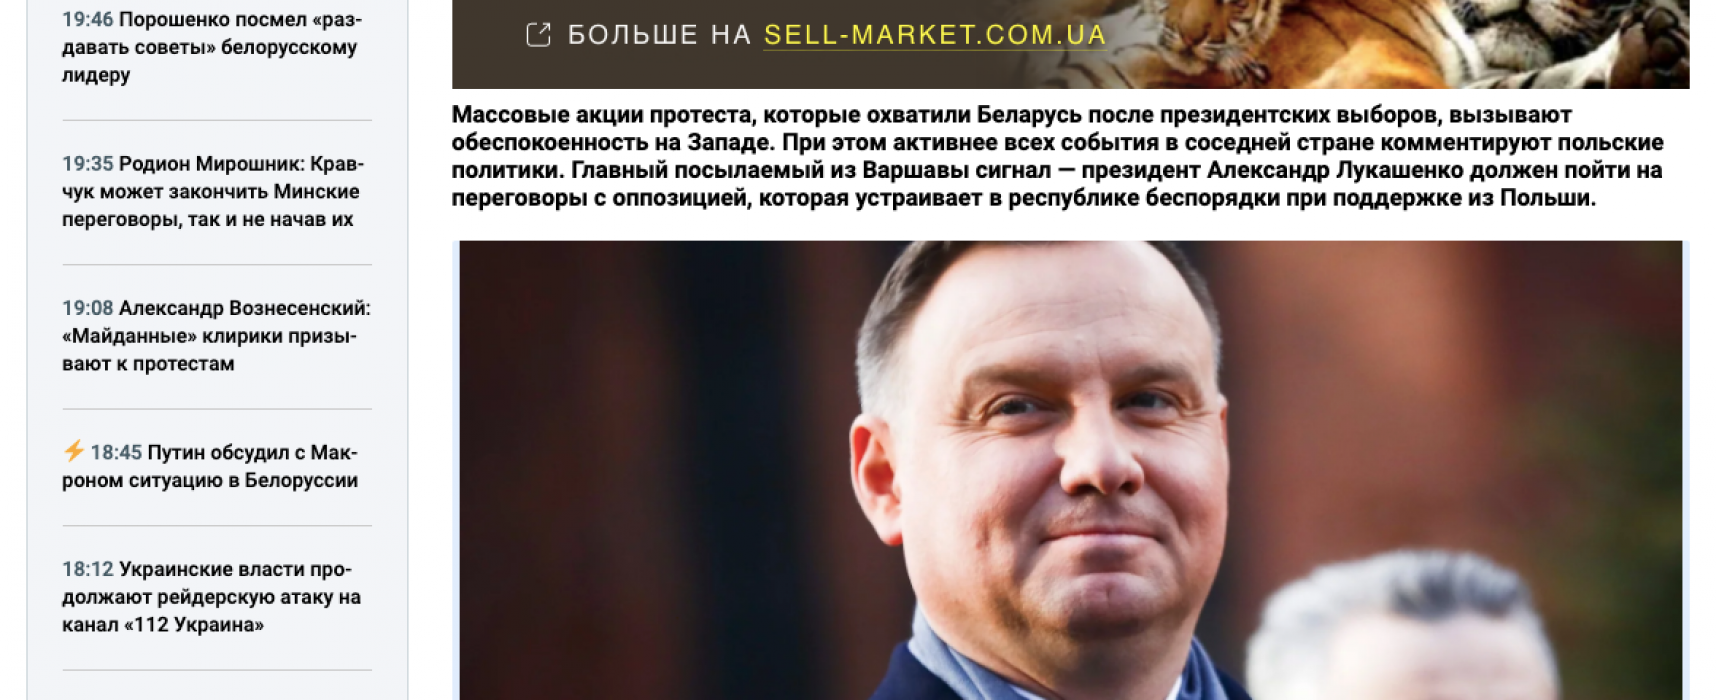 Fake: Poland Pushes Lukashenko Overthrow at EU Level